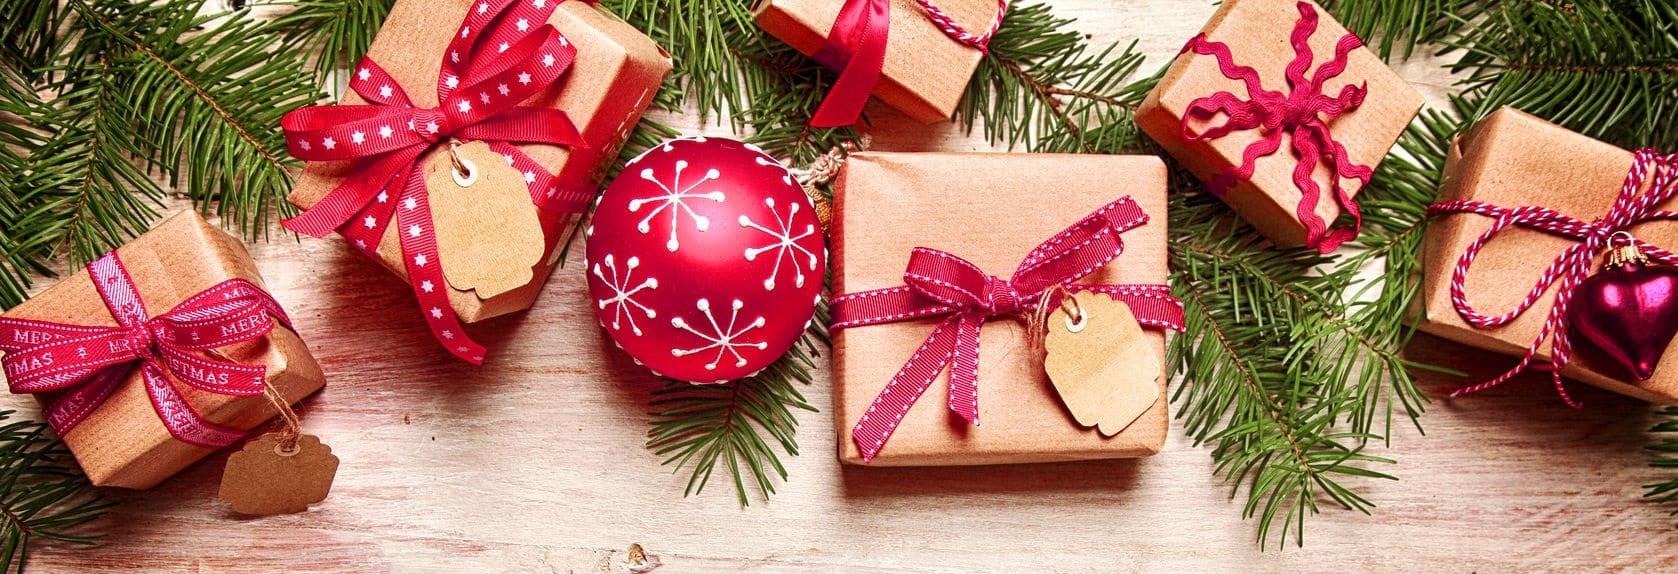 Geschenkideen Vater Weihnachten  Geschenkideen Zu Weihnachten – bilder19